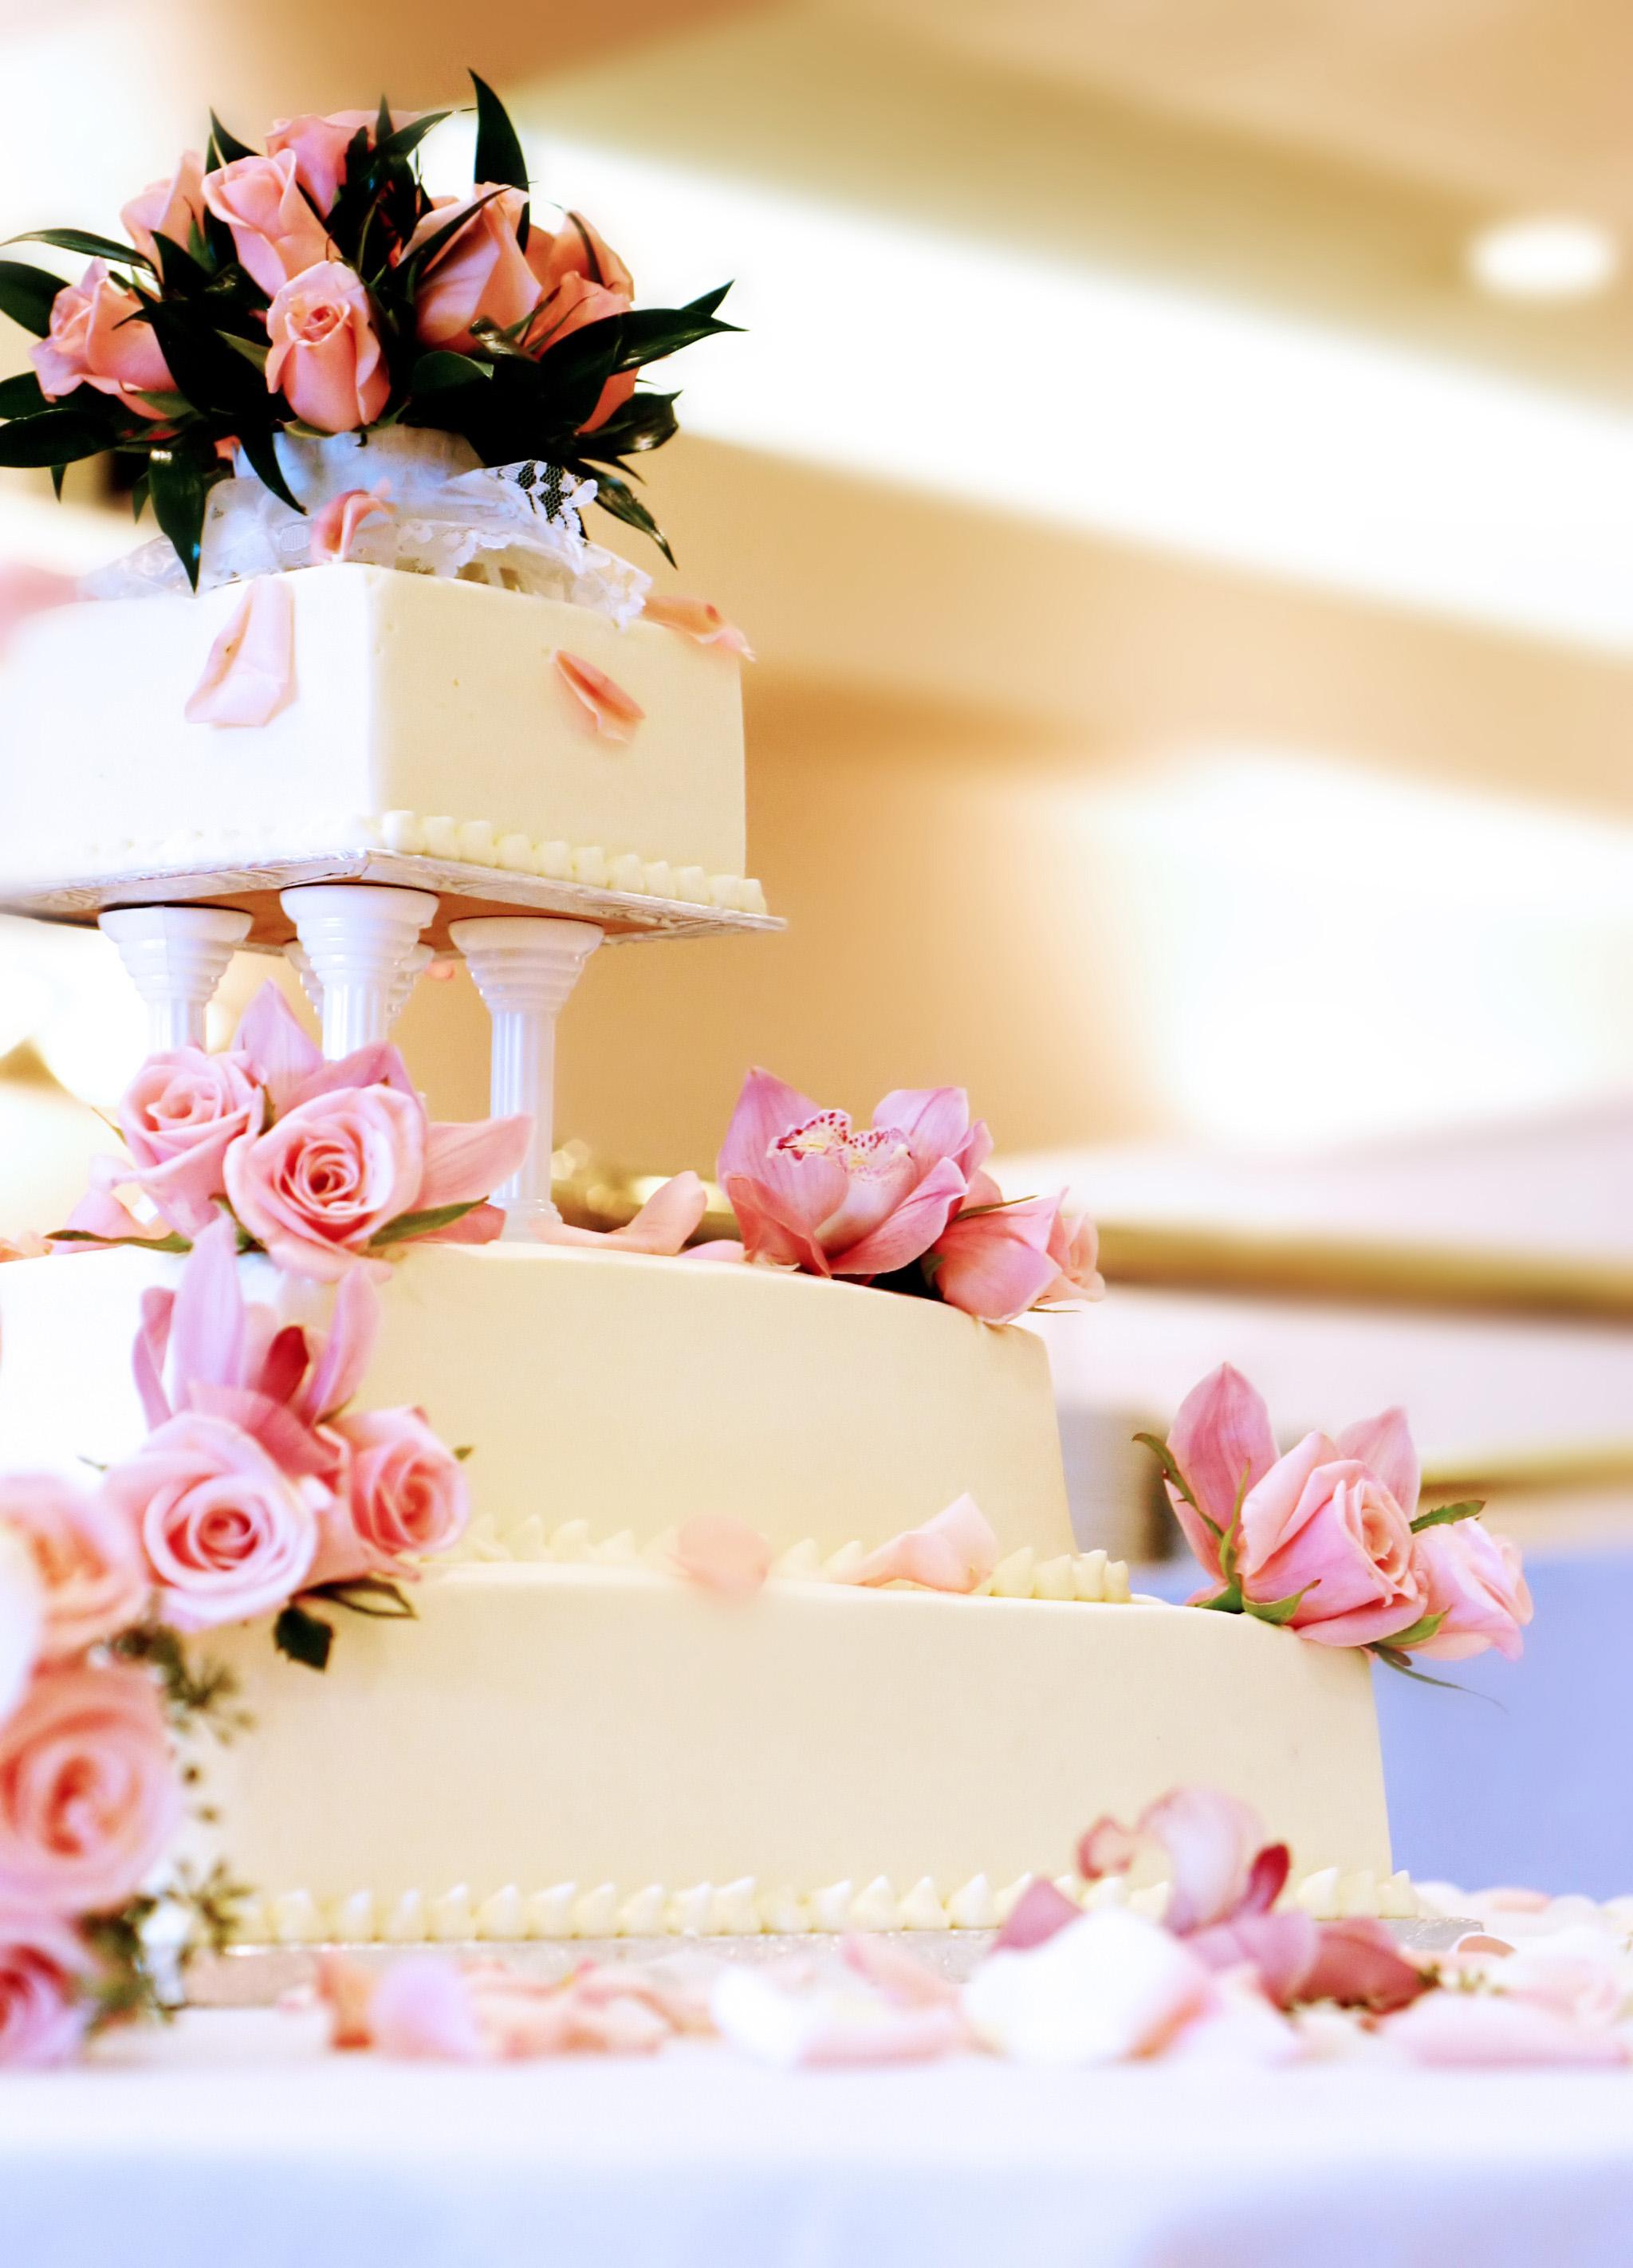 Шоколадница свадебный торт схема проезда пенза